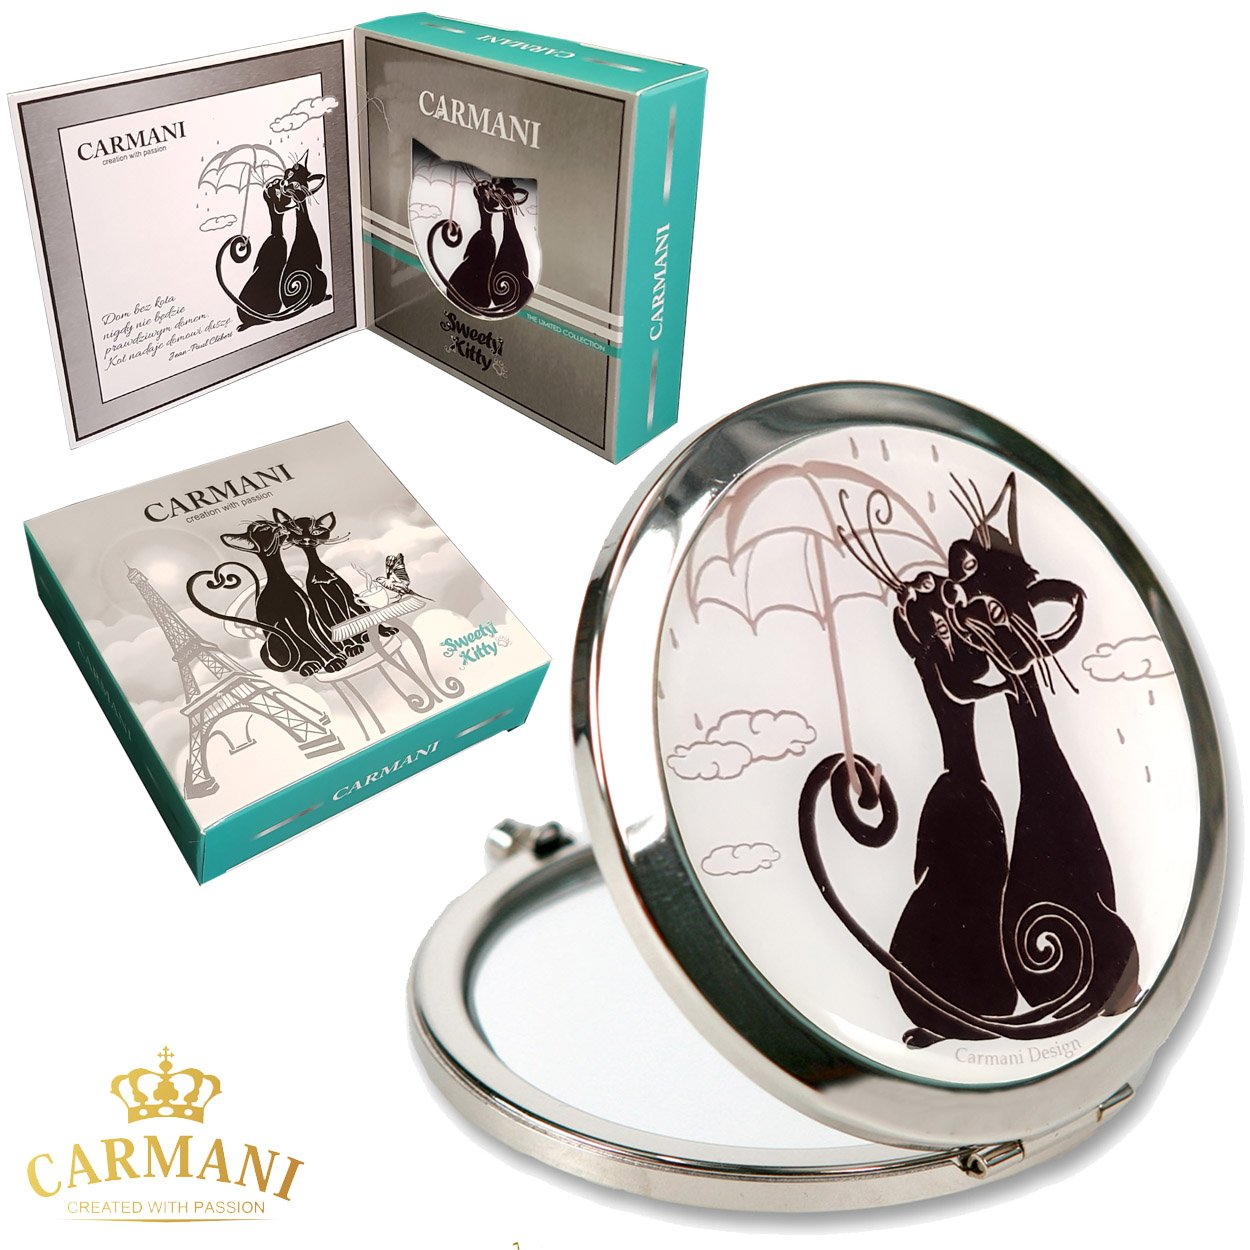 CARMANI - CHAT Conception Mesdames Pocket Flip Voyage Maquillage Miroir Métal Miroir Poche Compact